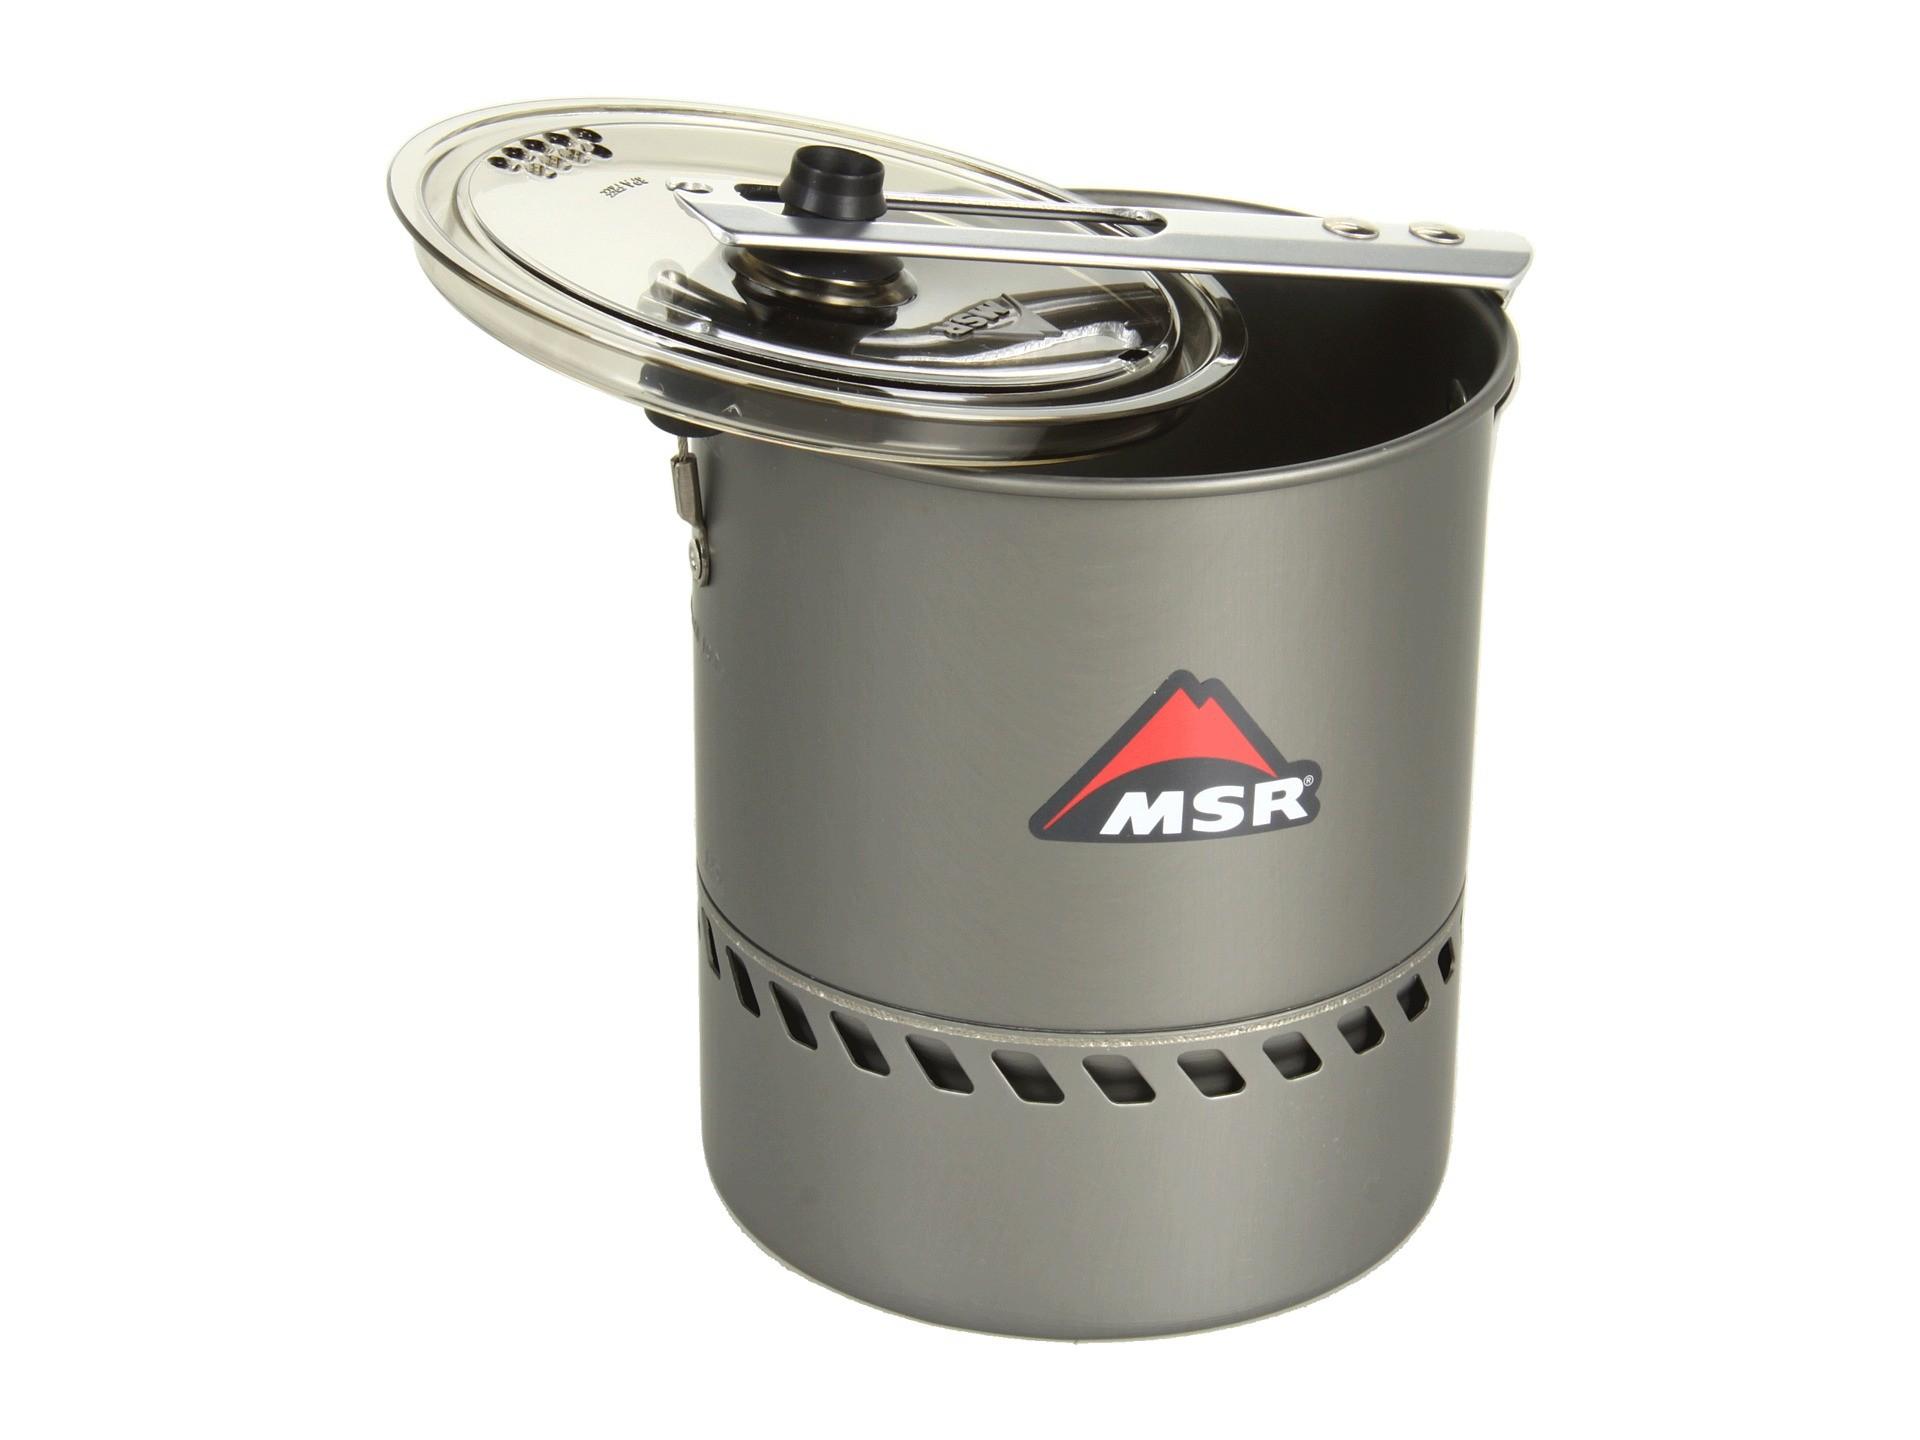 MSR Reactor 1.7L Pot